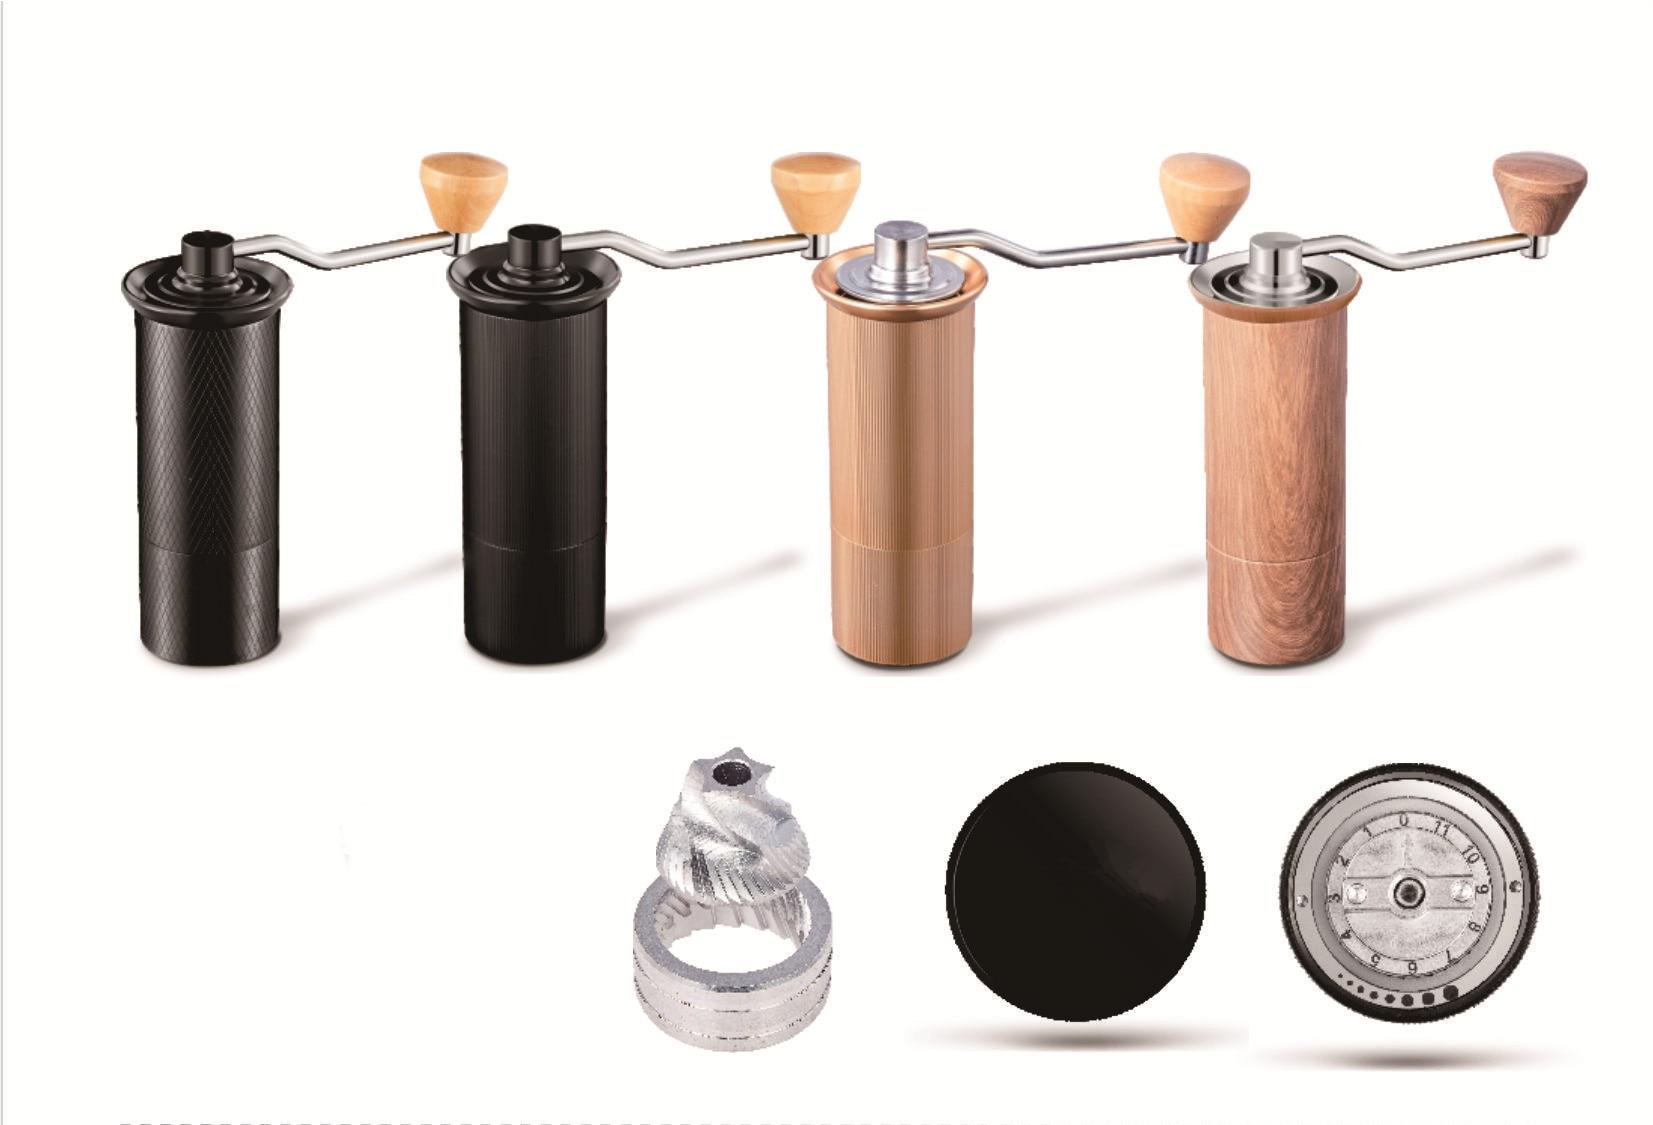 HAANZHALL 50 мм ручная кофемолка из нержавеющей стали заусенцы коническая Кофемолка мельница ручной кофе фрезерный станок